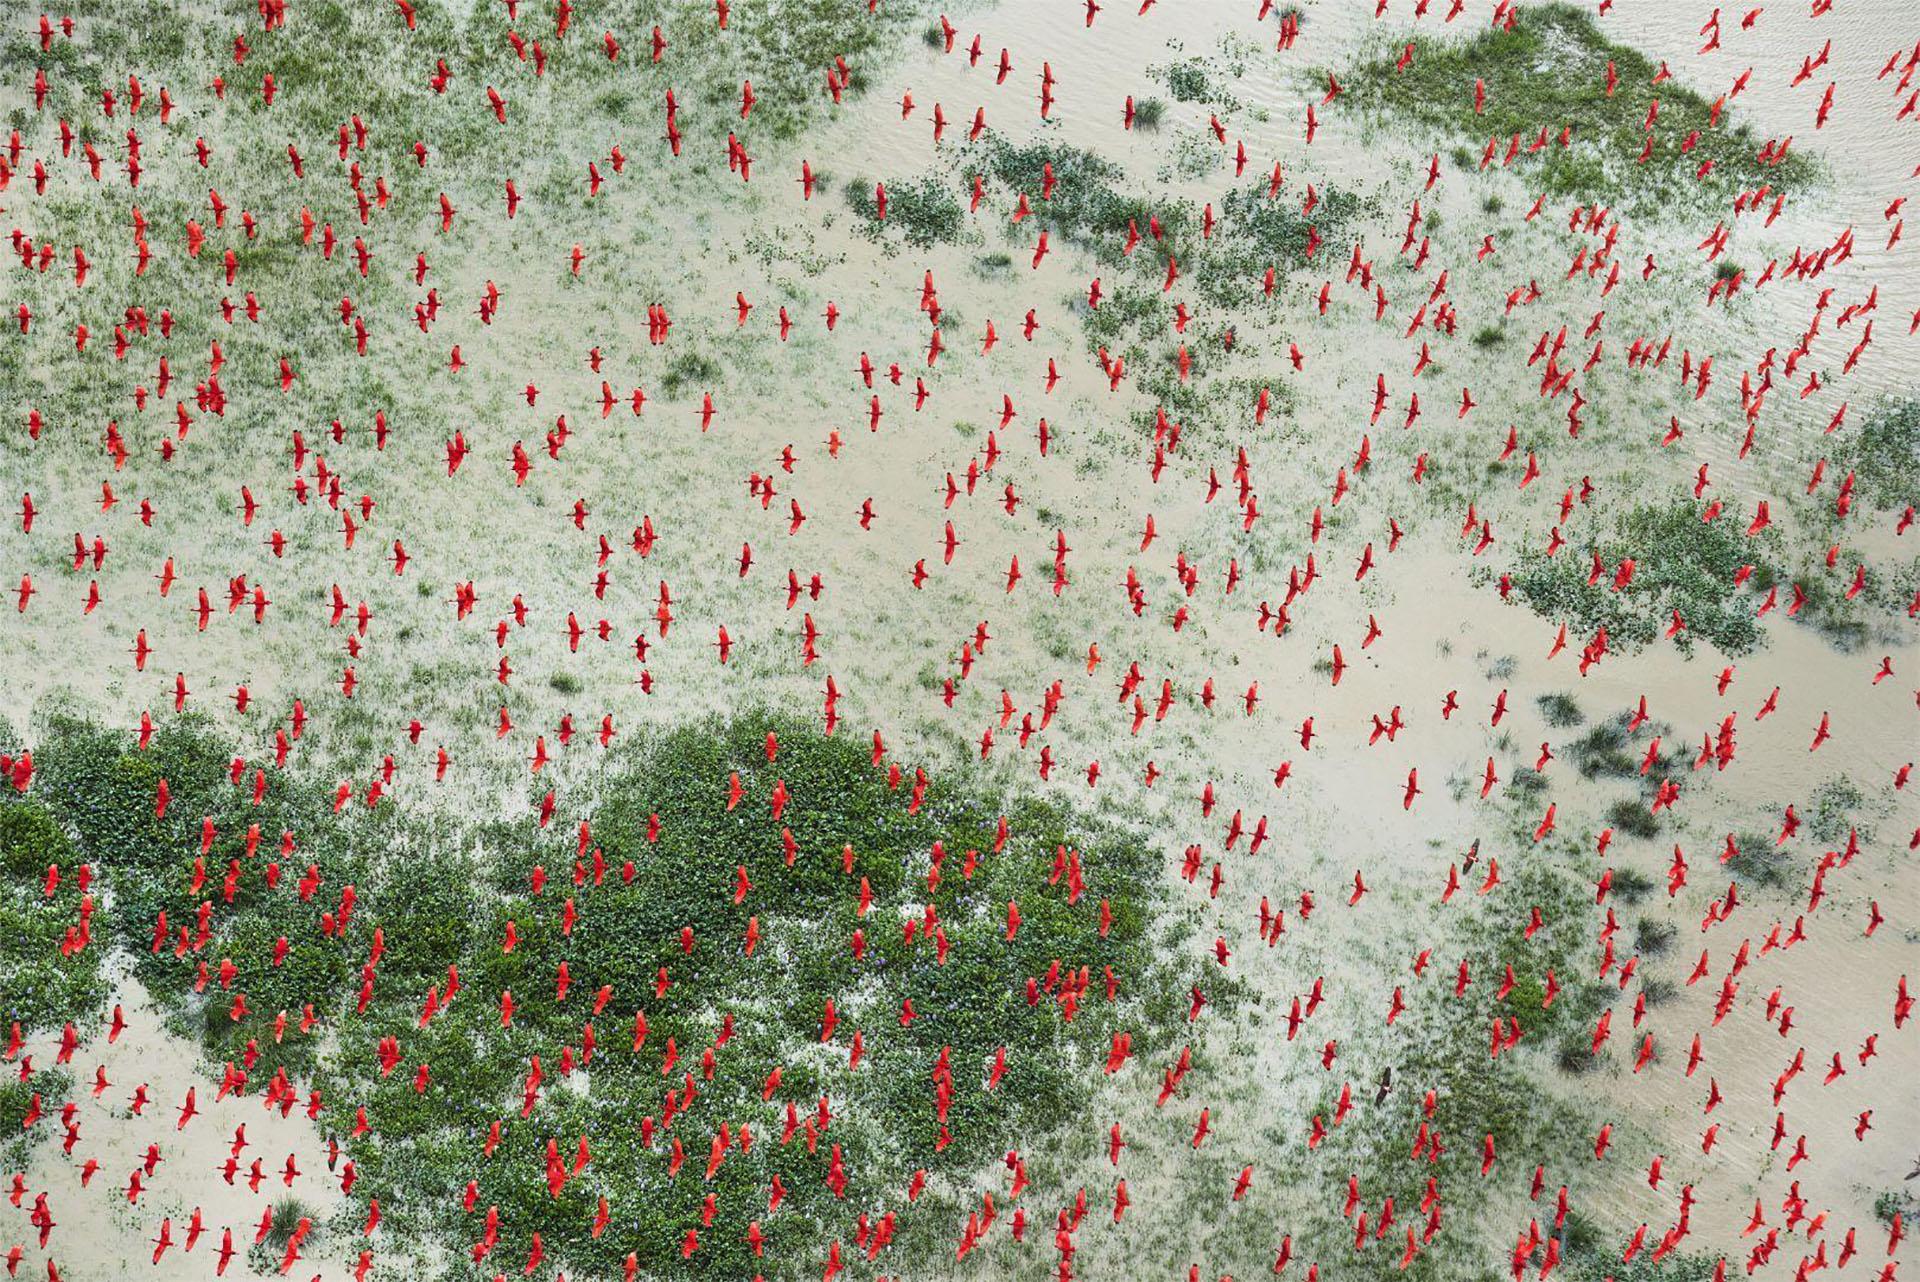 Amazon: Paradise Threatened – Amazonas: un paraíso amenazadoDeforestación en el Amazonas, Brasil: después de disminuir desde los picos principales en 1995 y 2004, la tasa de deforestación en la Amazonas aumentó bruscamente en 2016. (Daniel Beltra, Estados Unidos)